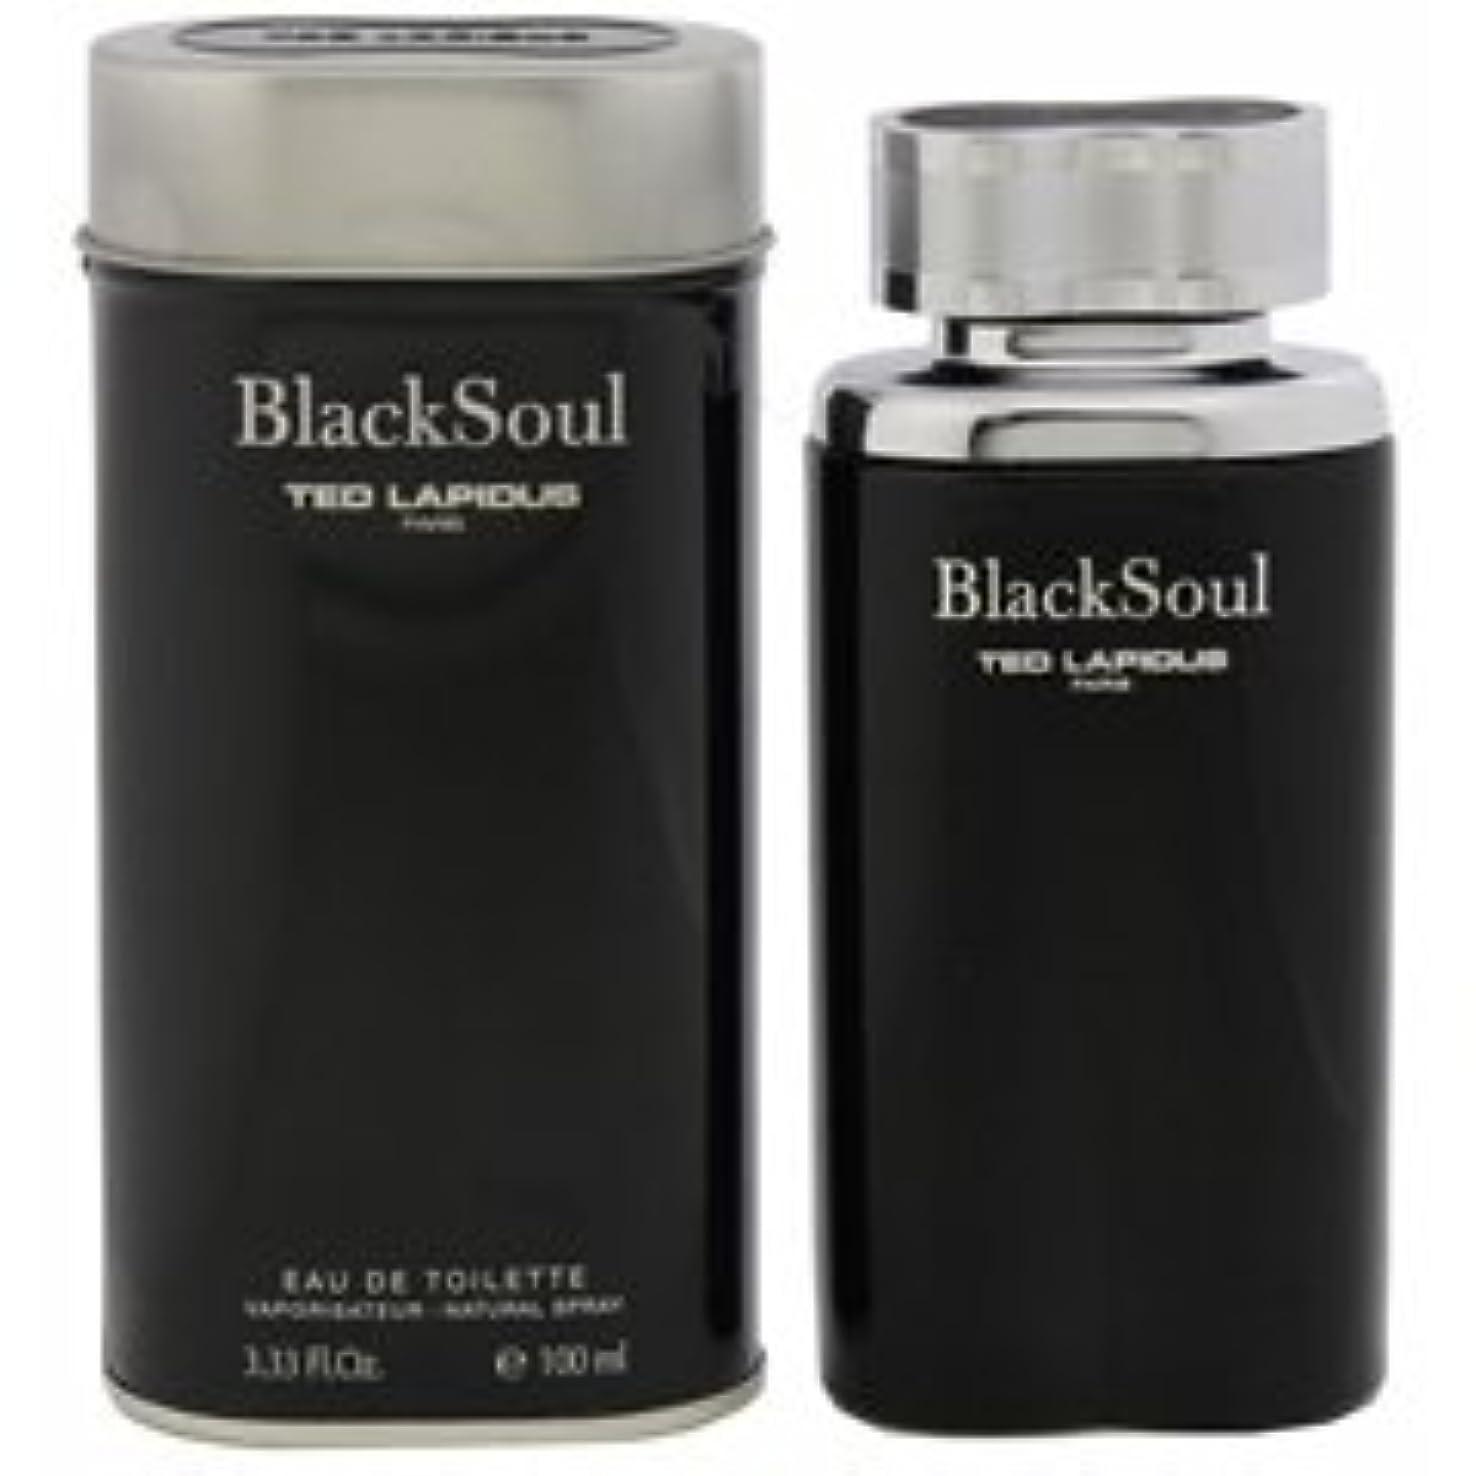 地殻説教残るBlack Soul (ブラック ソウル) 3.4 oz (100ml) EDT Spray by Ted Rapidus for Men